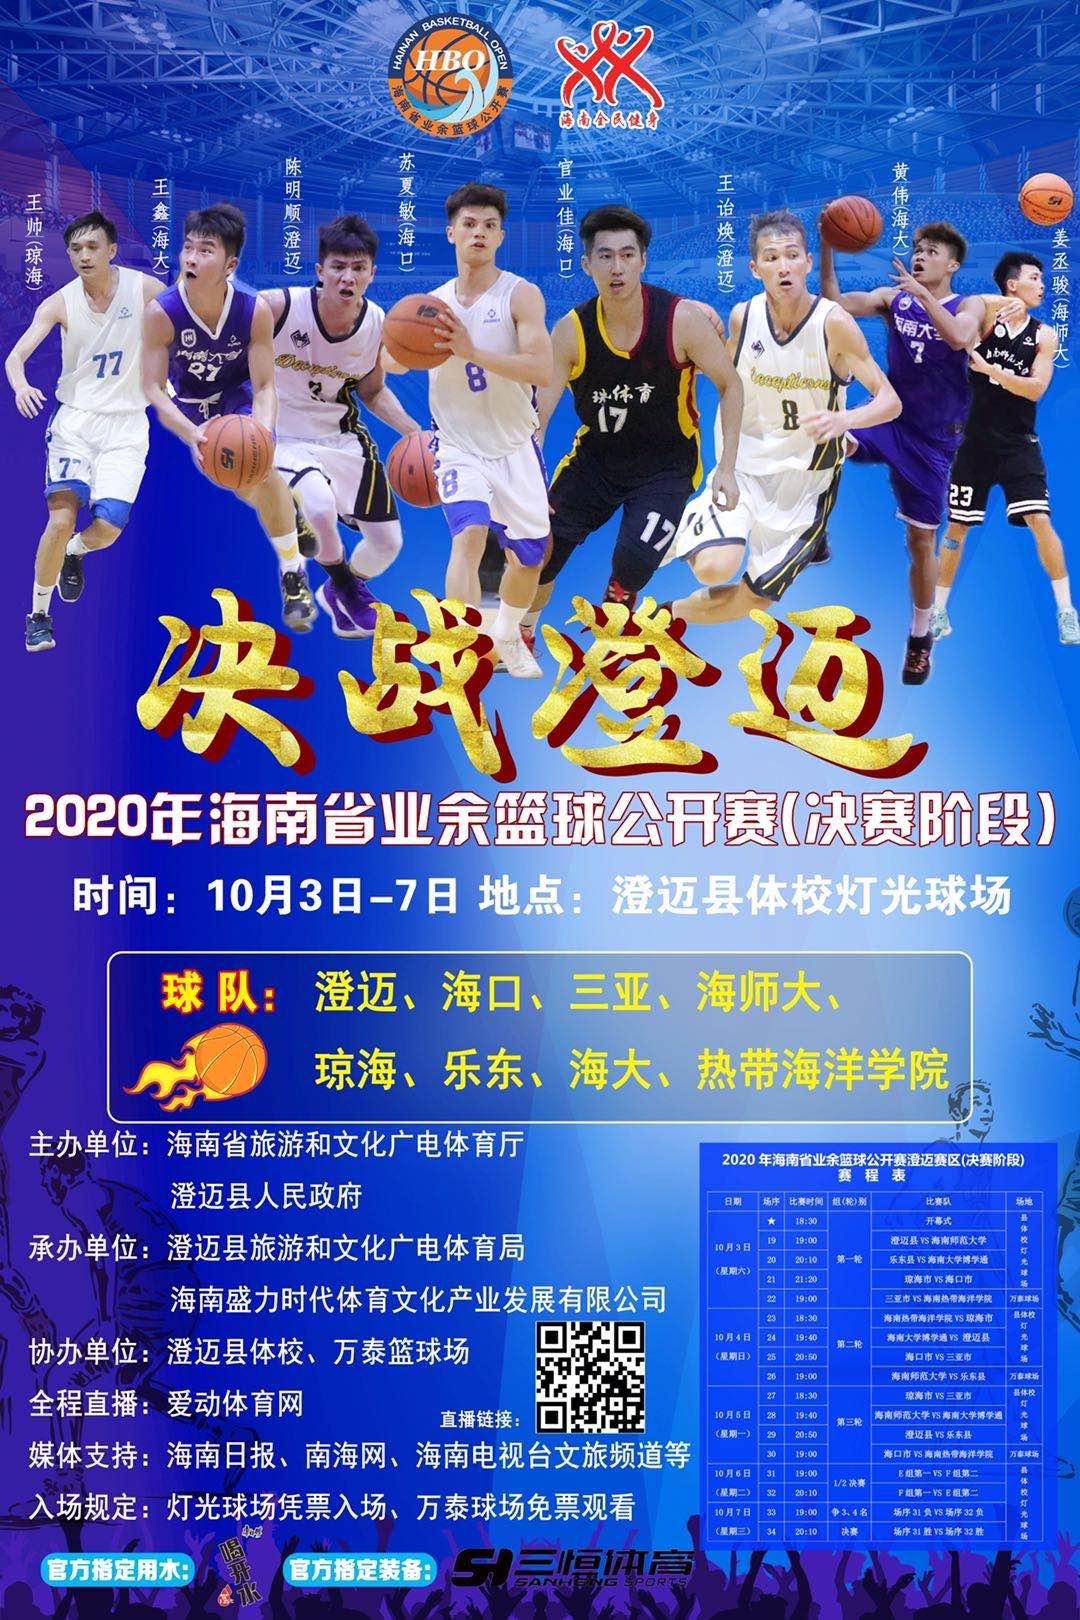 【回放】2020年海南省业余篮球公开赛 3日 澄迈赛区